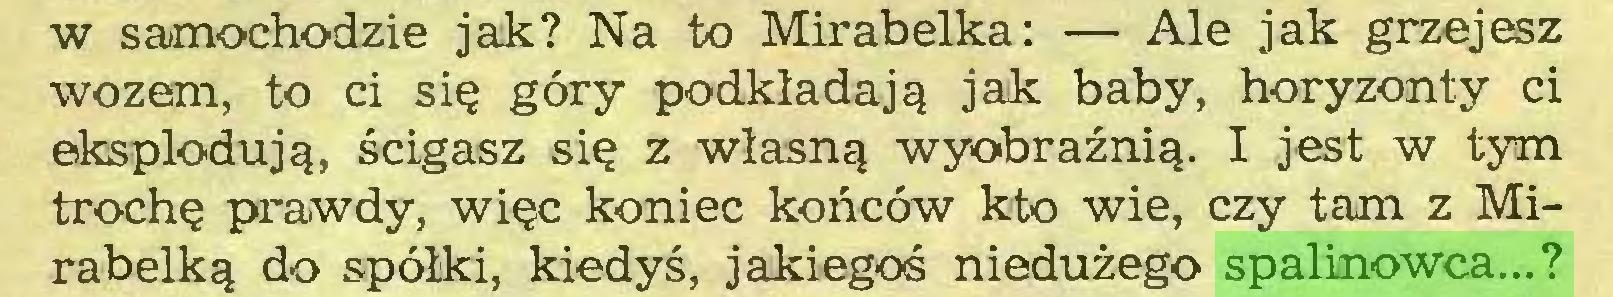 (...) w samochodzie jak? Na to Mirabelka: — Ale jak grzejesz wozem, to ci się góry podkładają jak baby, horyzonty ci eksplodują, ścigasz się z własną wyobraźnią. I jest w tym trochę prawdy, więc koniec końców kto wie, czy tam z Mirabelką do spółki, kiedyś, jakiegoś niedużego spalinowca...?...